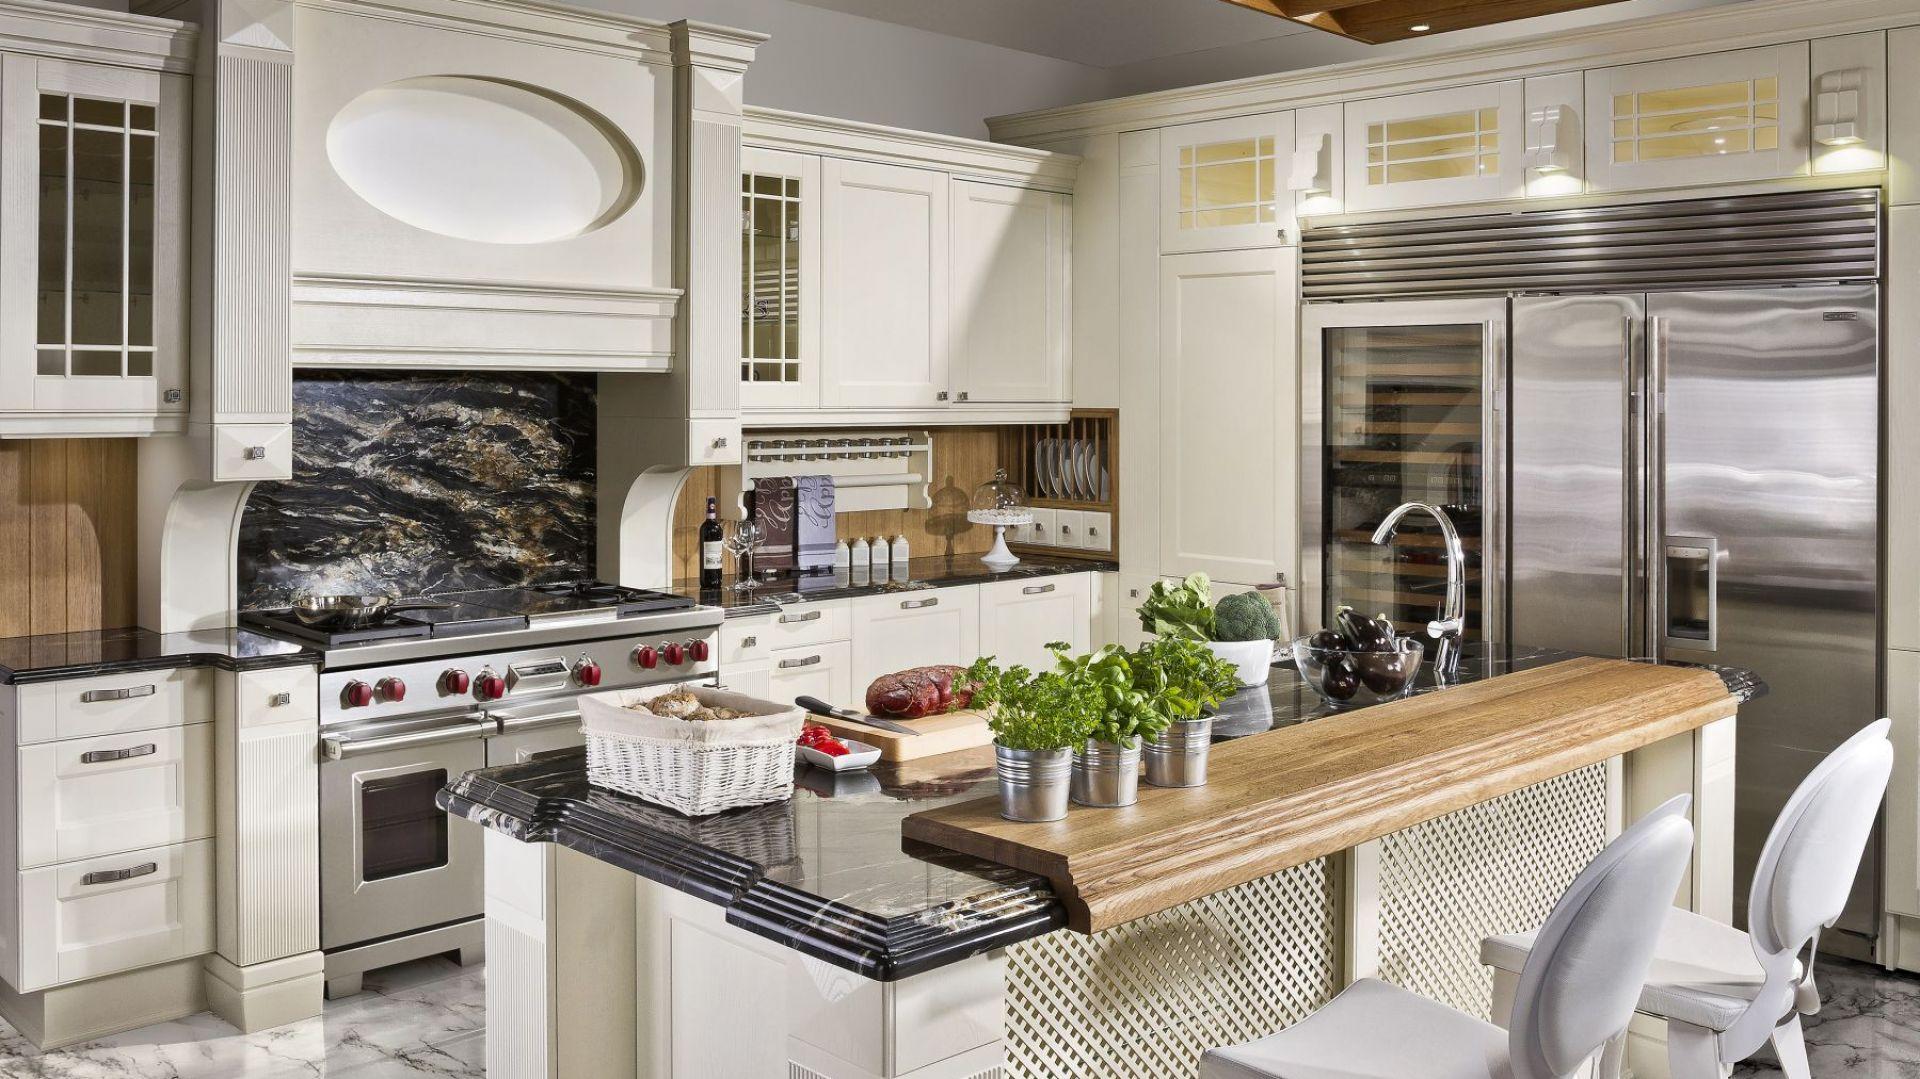 Kuchnia Bristol firmy Halupczok zachwyca dużą ilością zdobień oraz doskonale wykonanym detali. Fot. Halupczok